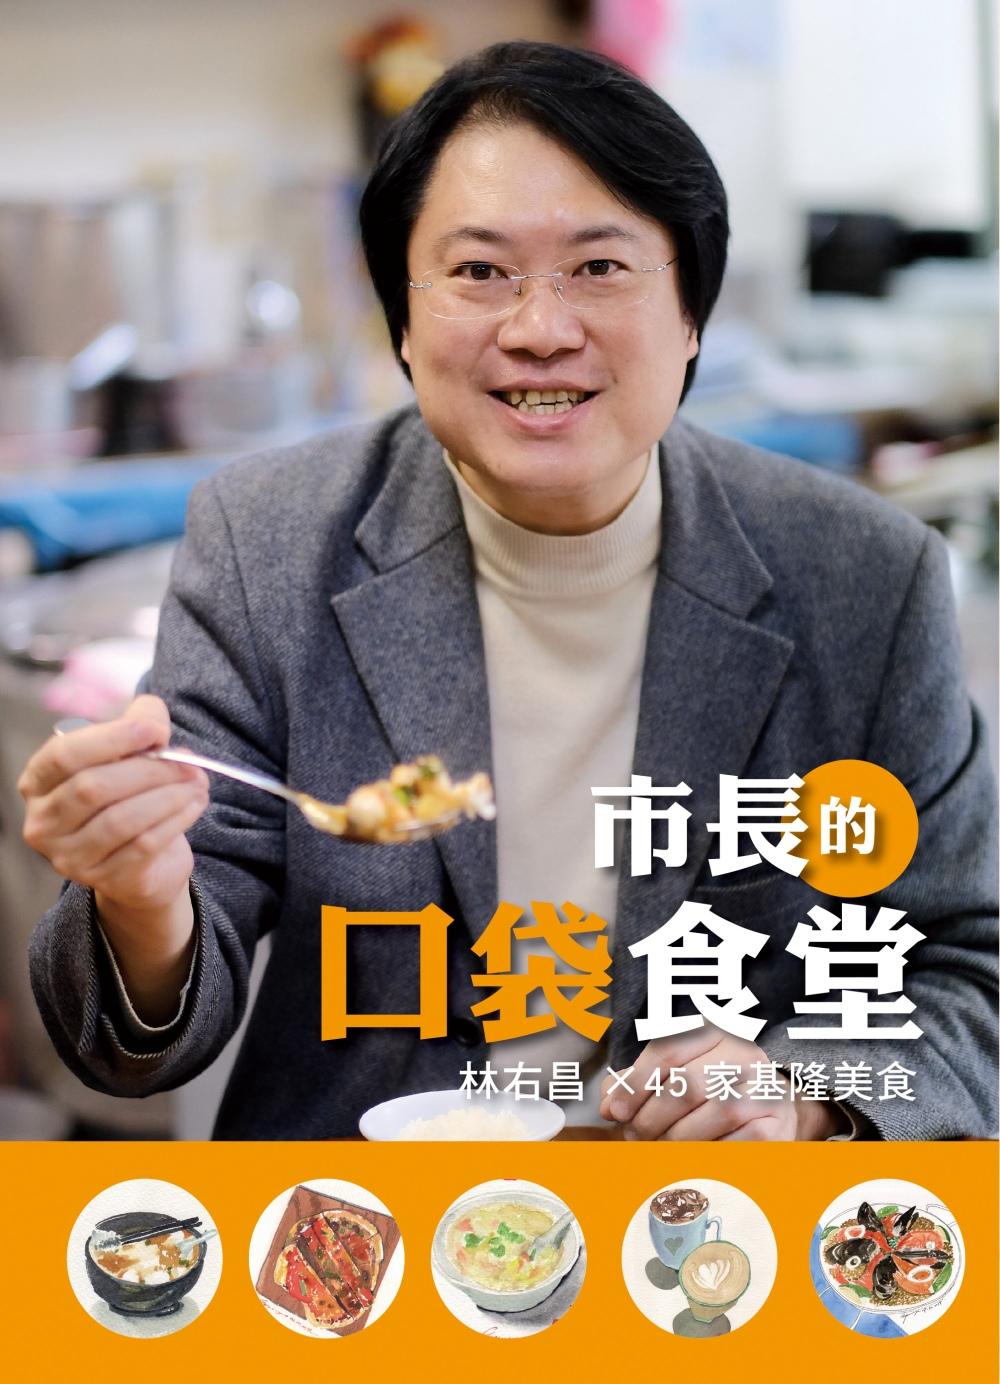 市長的口袋食堂:林右昌X45家...